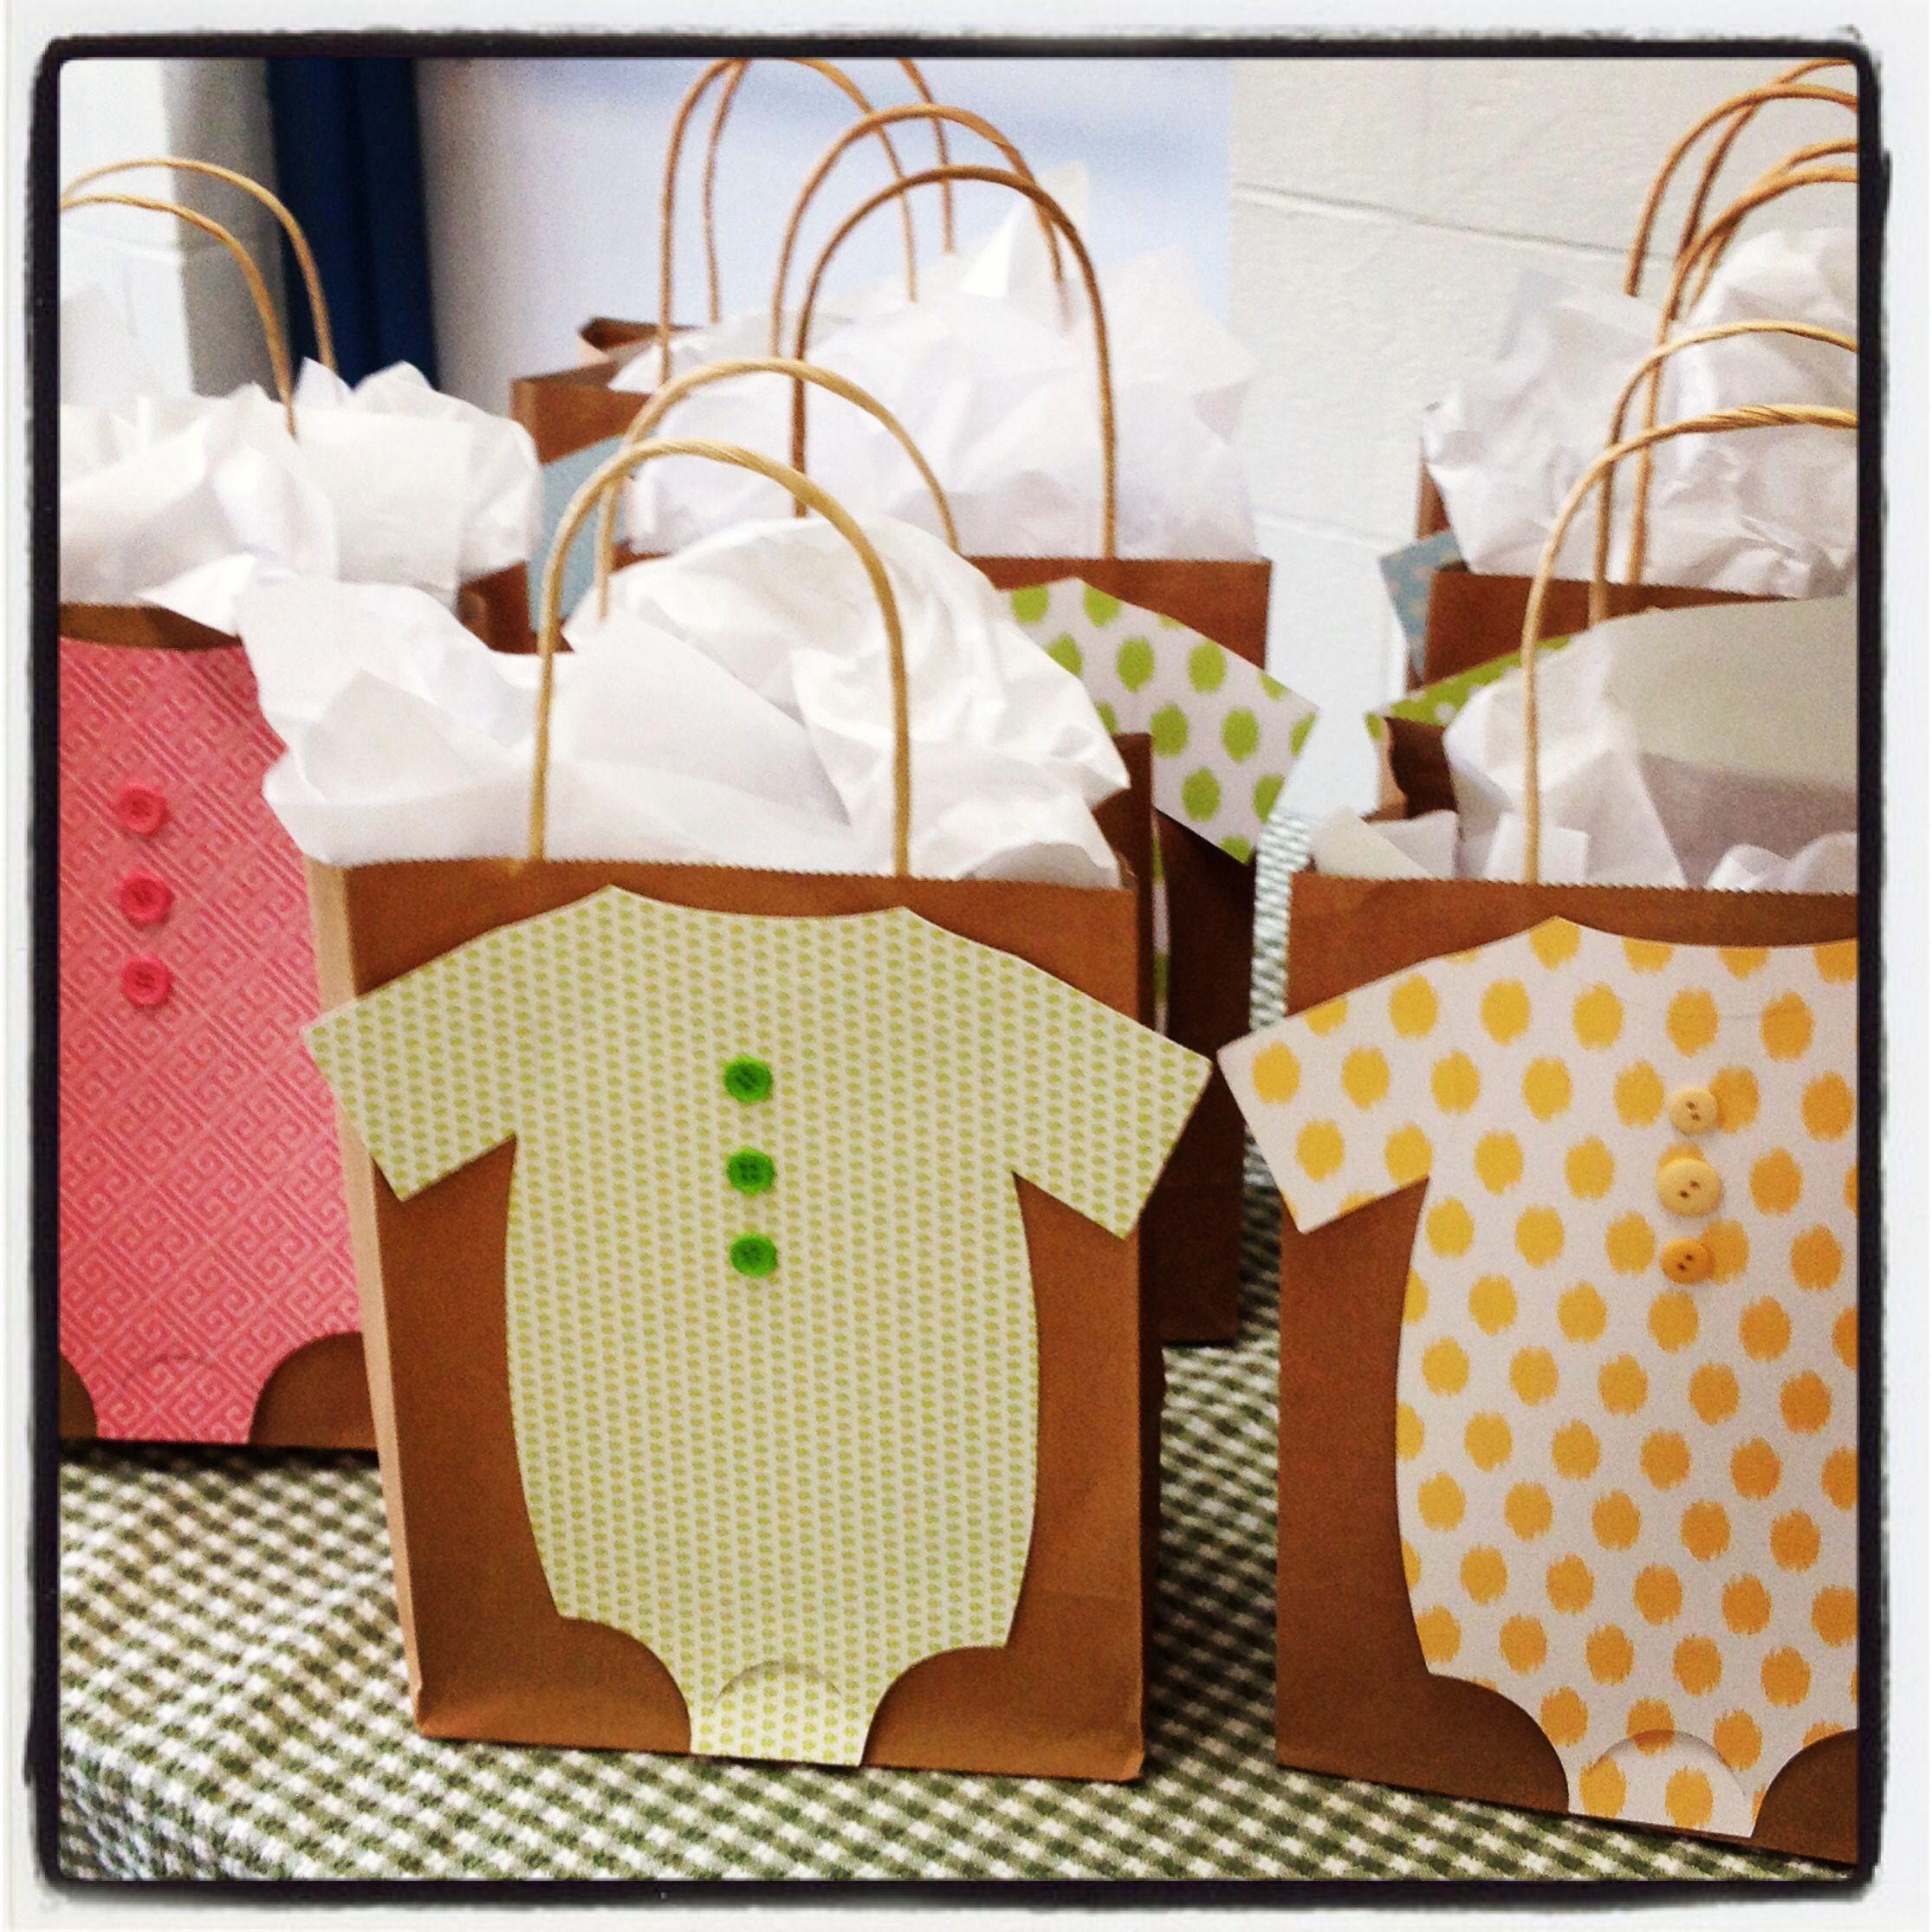 shower games baby shower gifts baby gifts baby shower foods buy bags